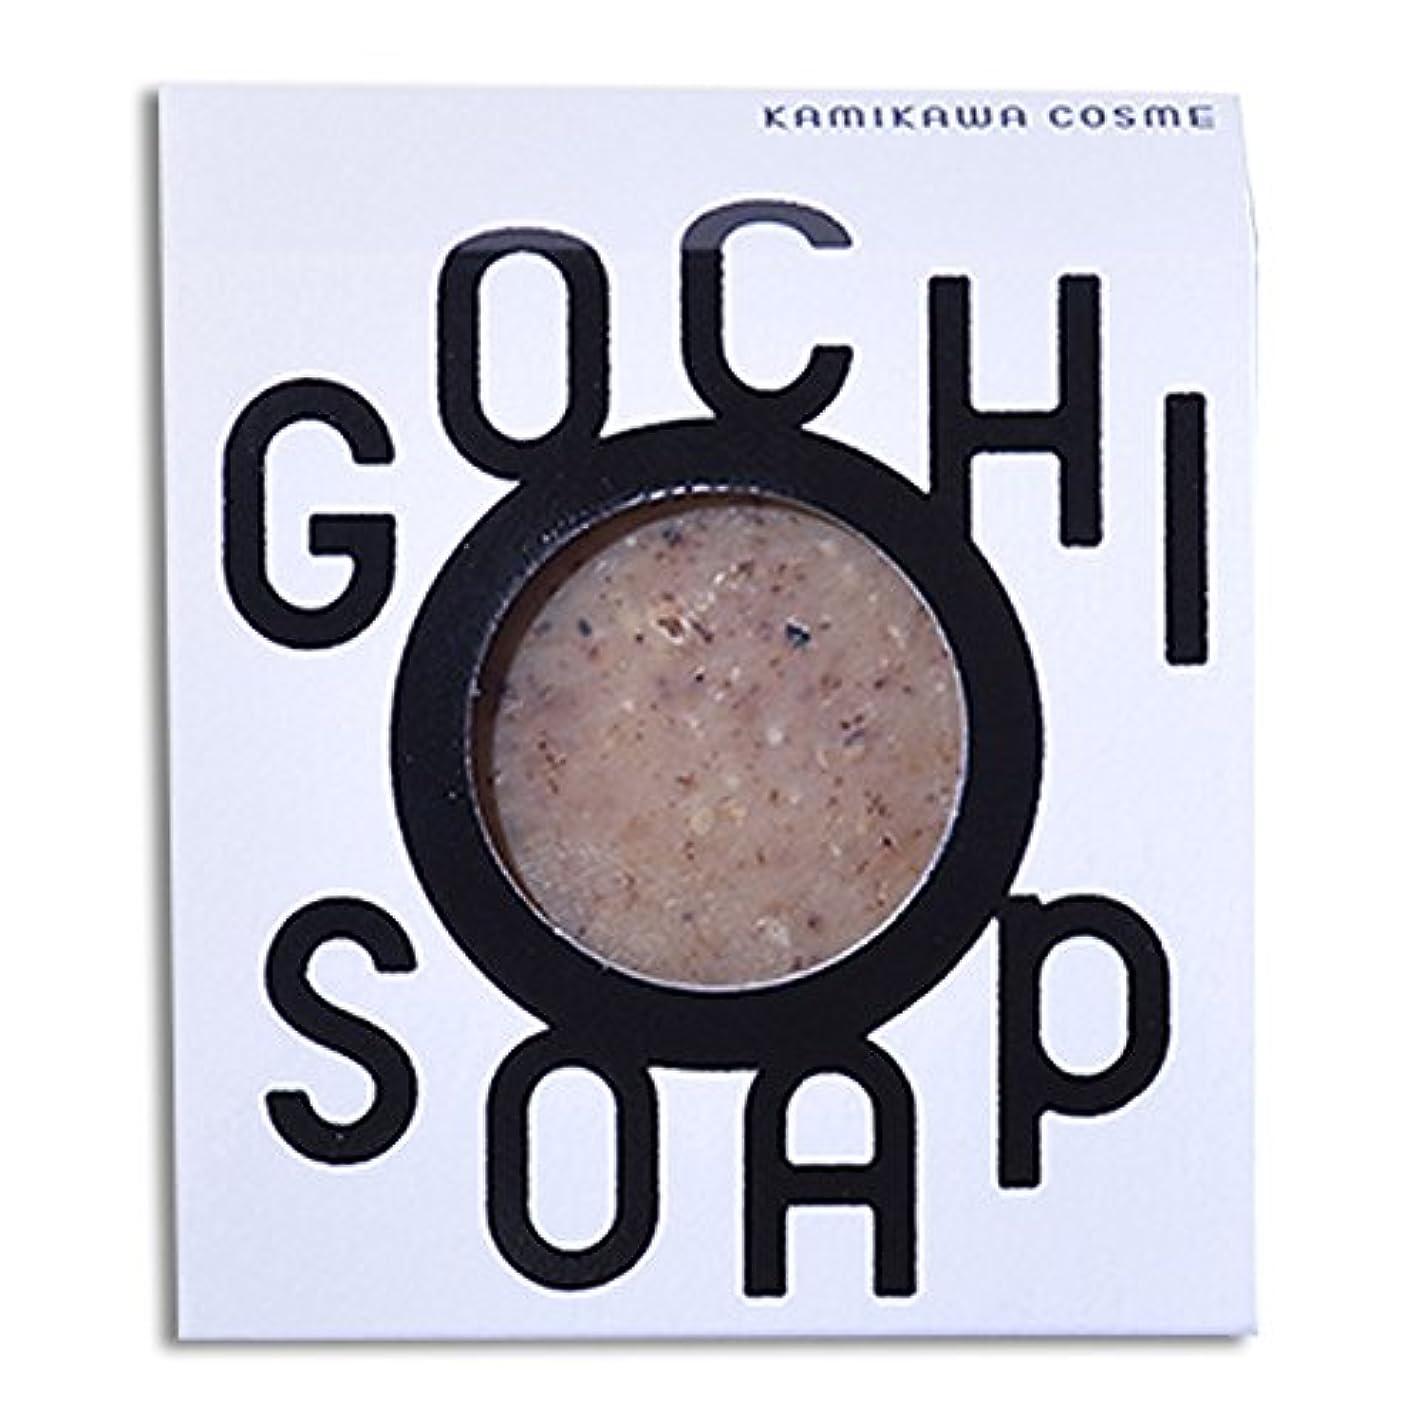 羨望どれでもお金道北の素材を使用したコスメブランド GOCHI SOAP(上森米穀店の黒米ぬかソープ?谷口農場のトマトソープ)各1個セット